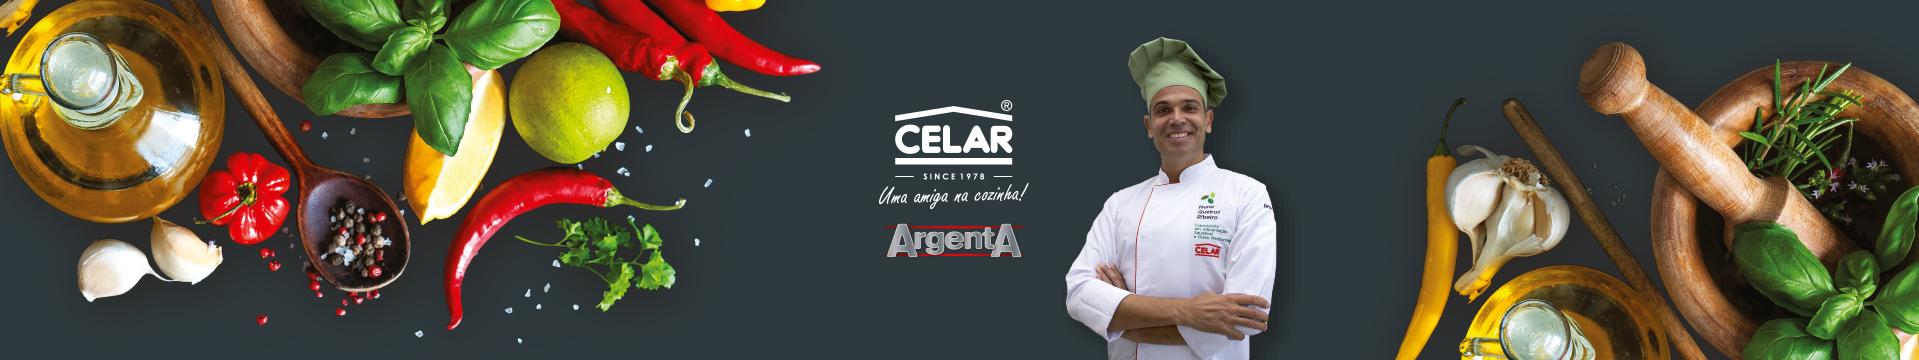 Celar